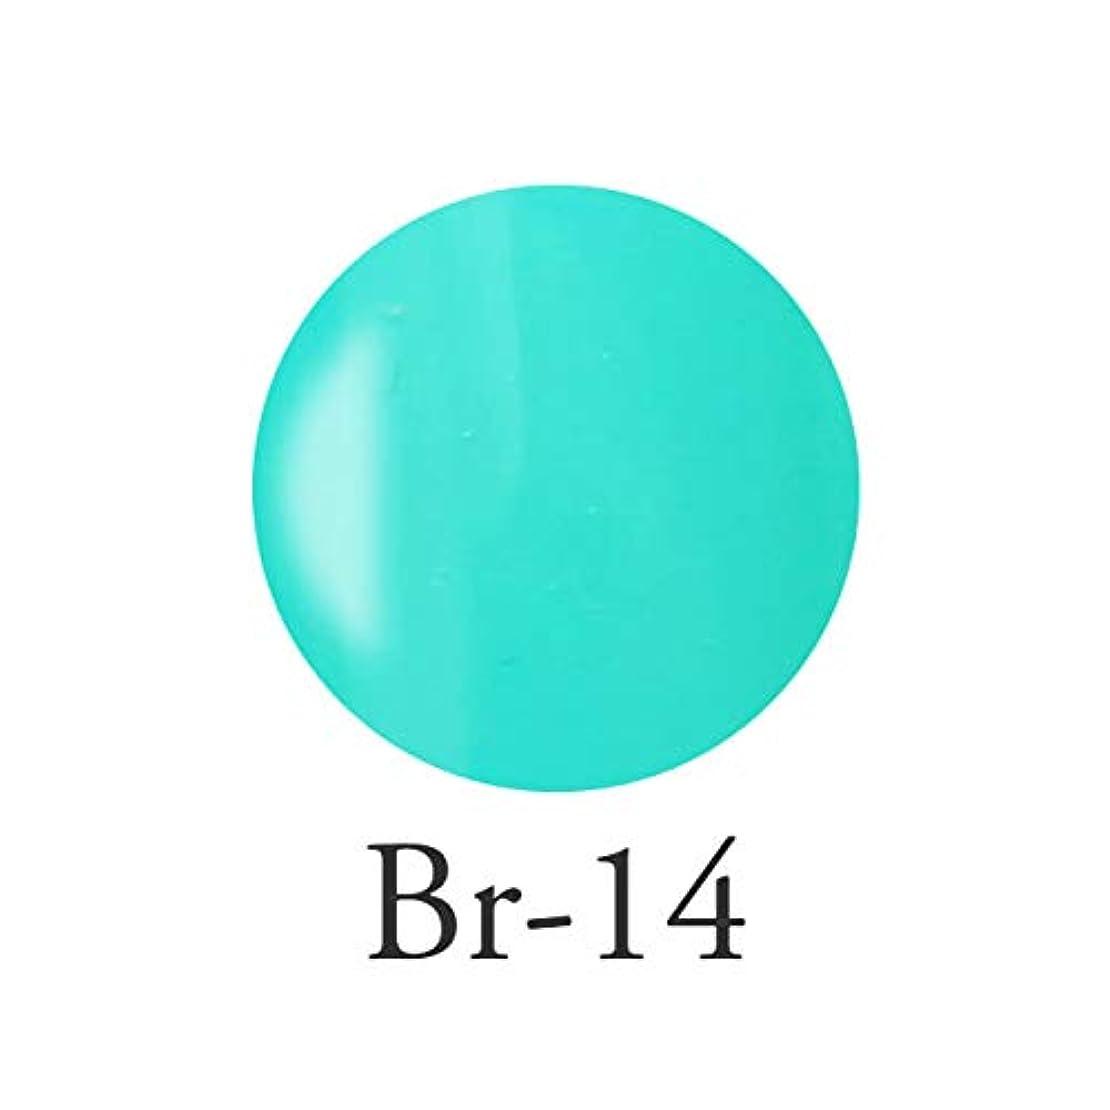 寮大きさマイクエンジェル クィーンカラージェル フェリシテブルー Br-14 3g